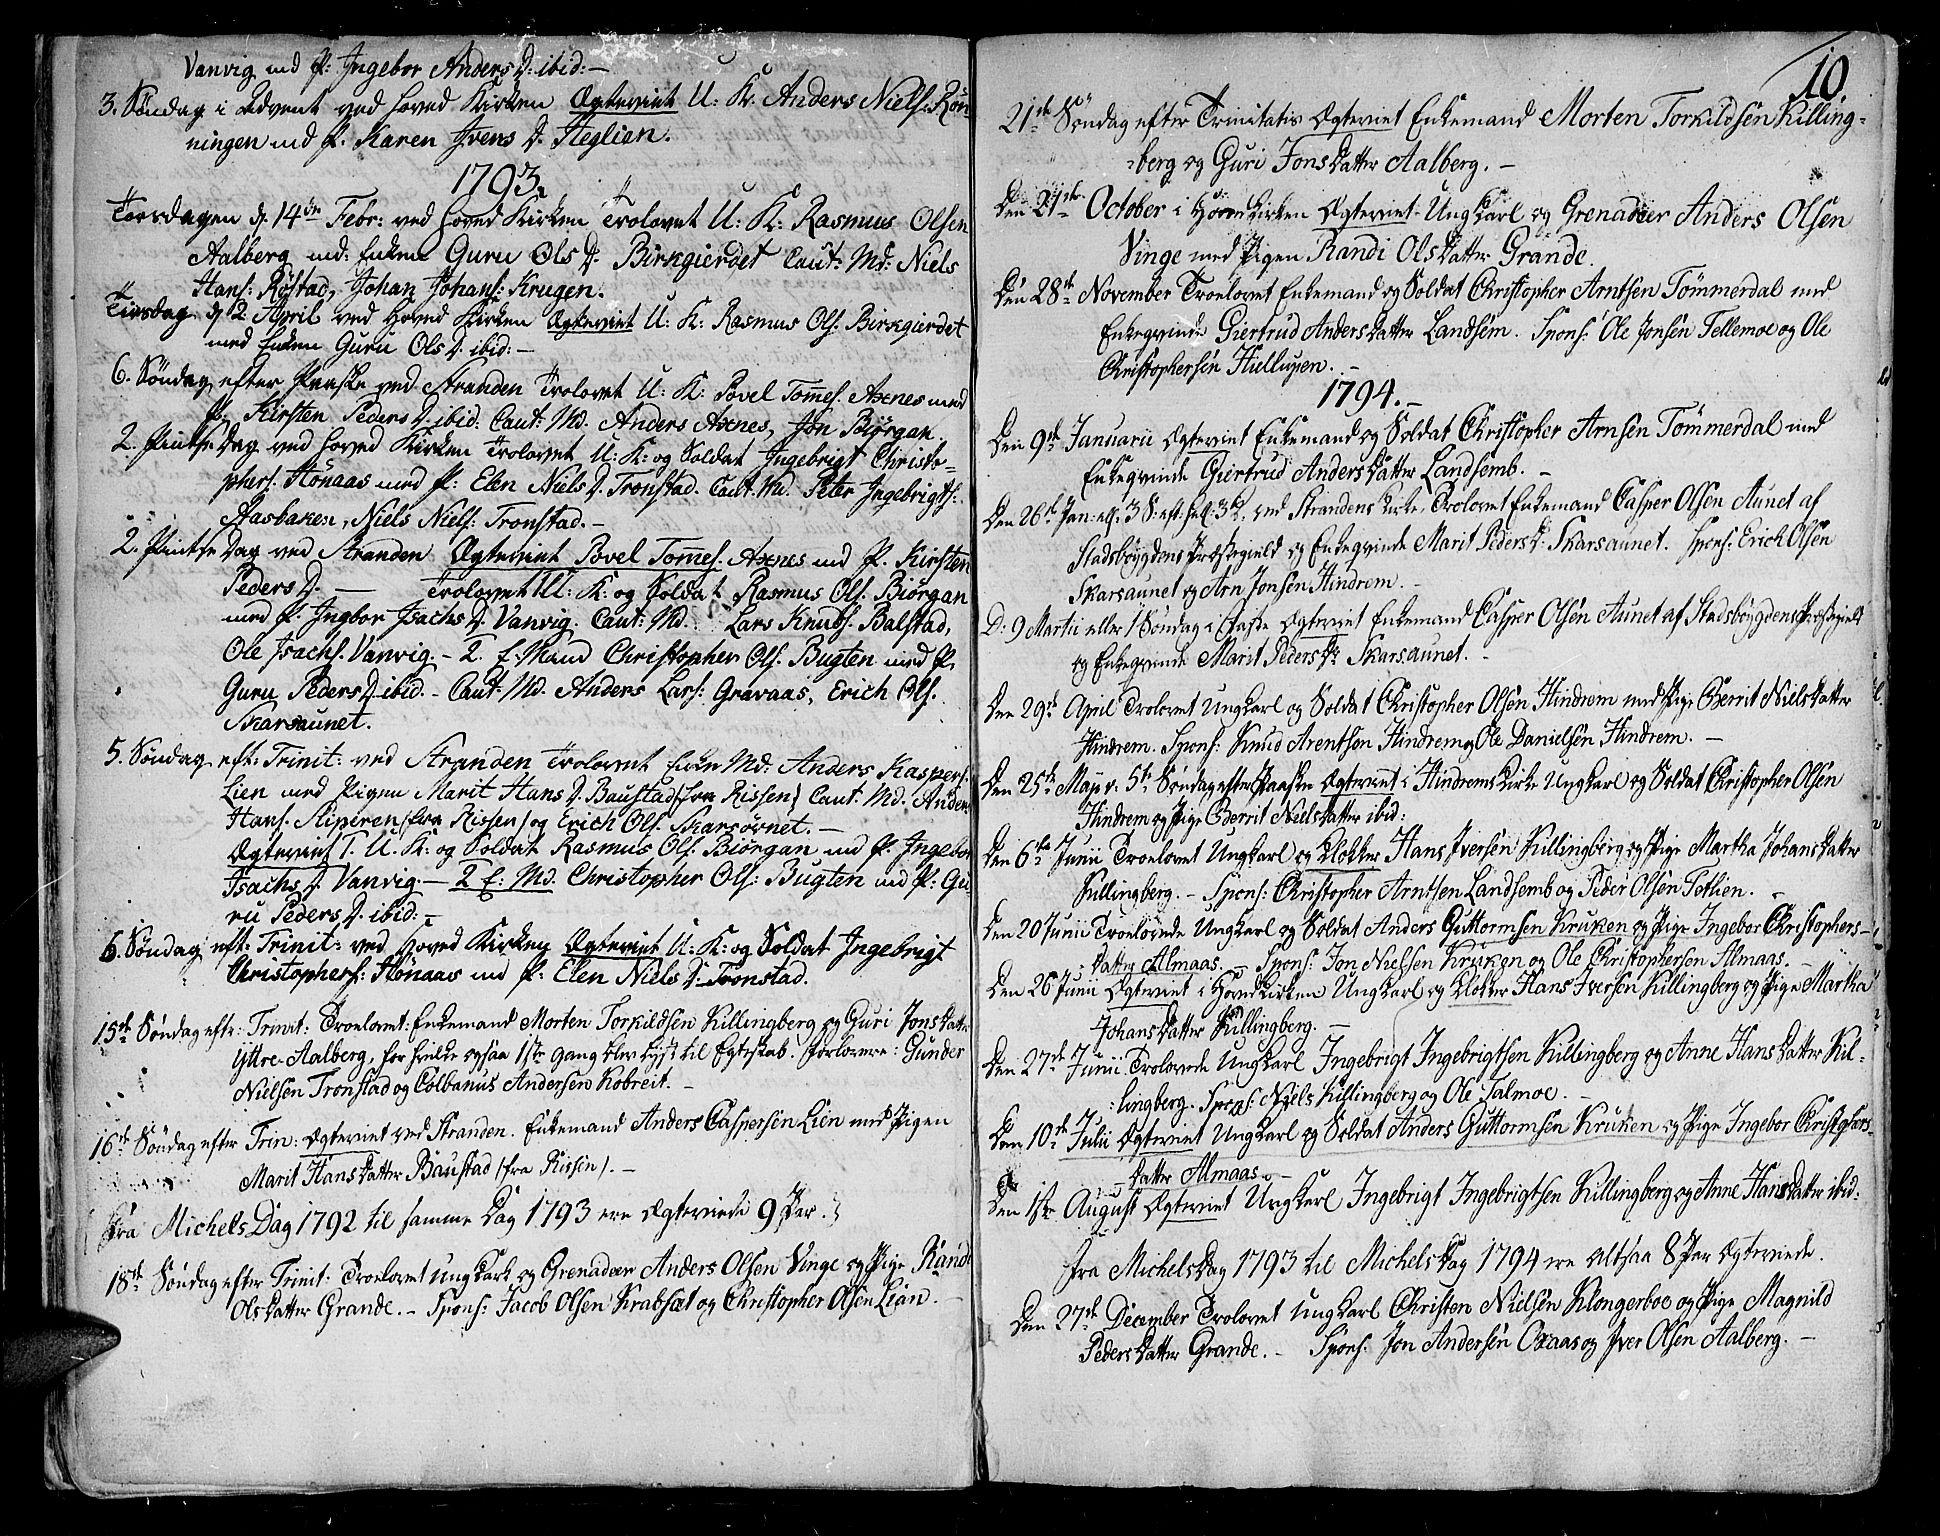 SAT, Ministerialprotokoller, klokkerbøker og fødselsregistre - Nord-Trøndelag, 701/L0004: Ministerialbok nr. 701A04, 1783-1816, s. 10